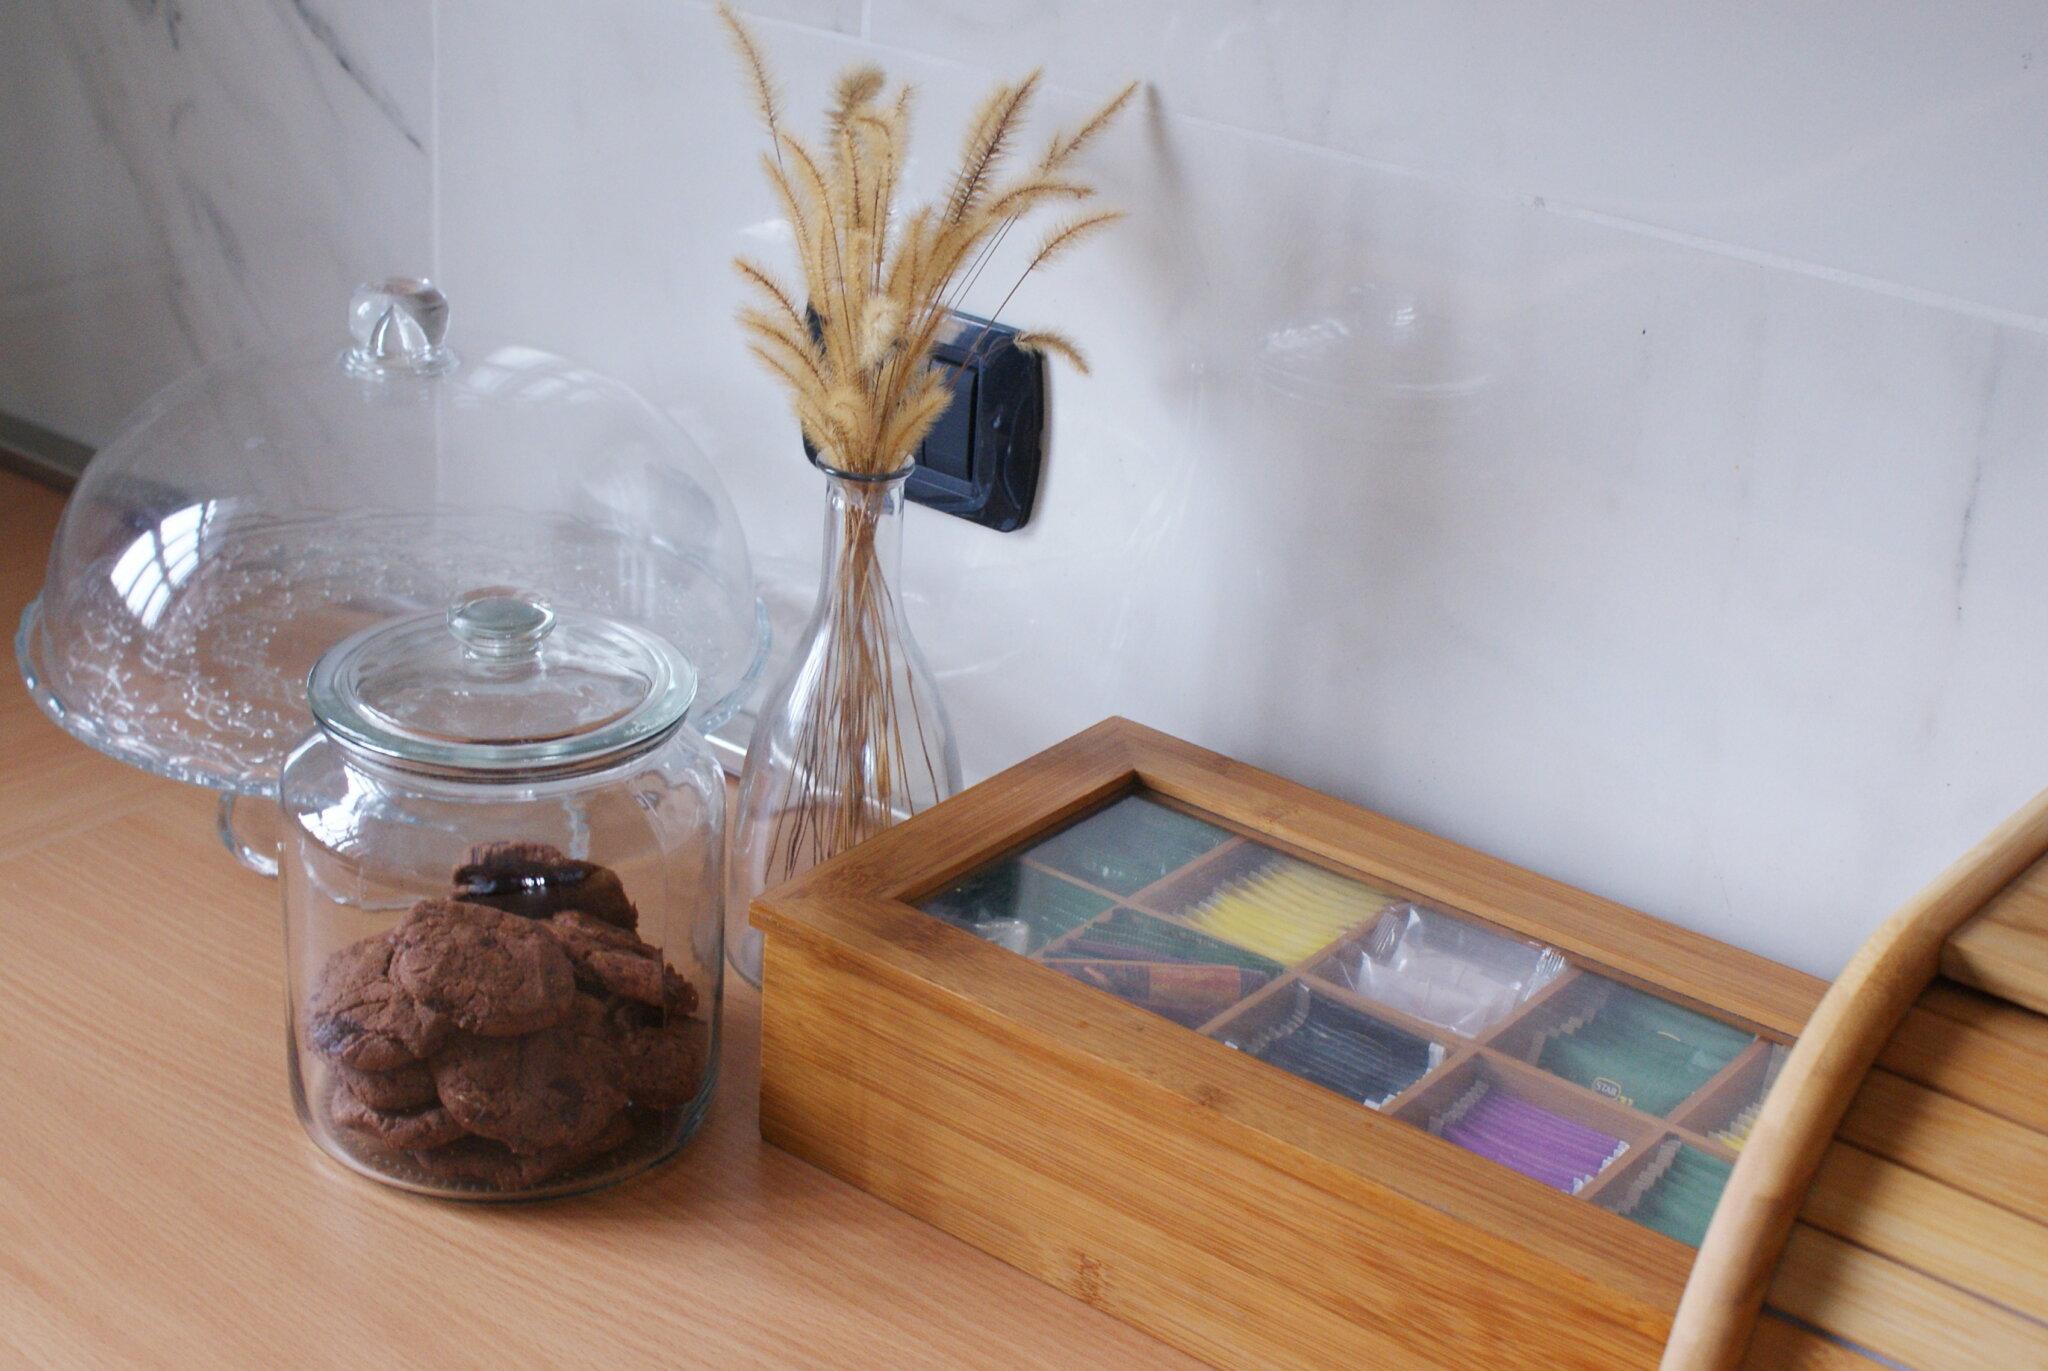 how declutter organize kitchen minimalist tips ulimate come organizzare riordinare cucina minimalista consigli francinesplaceblog countertop